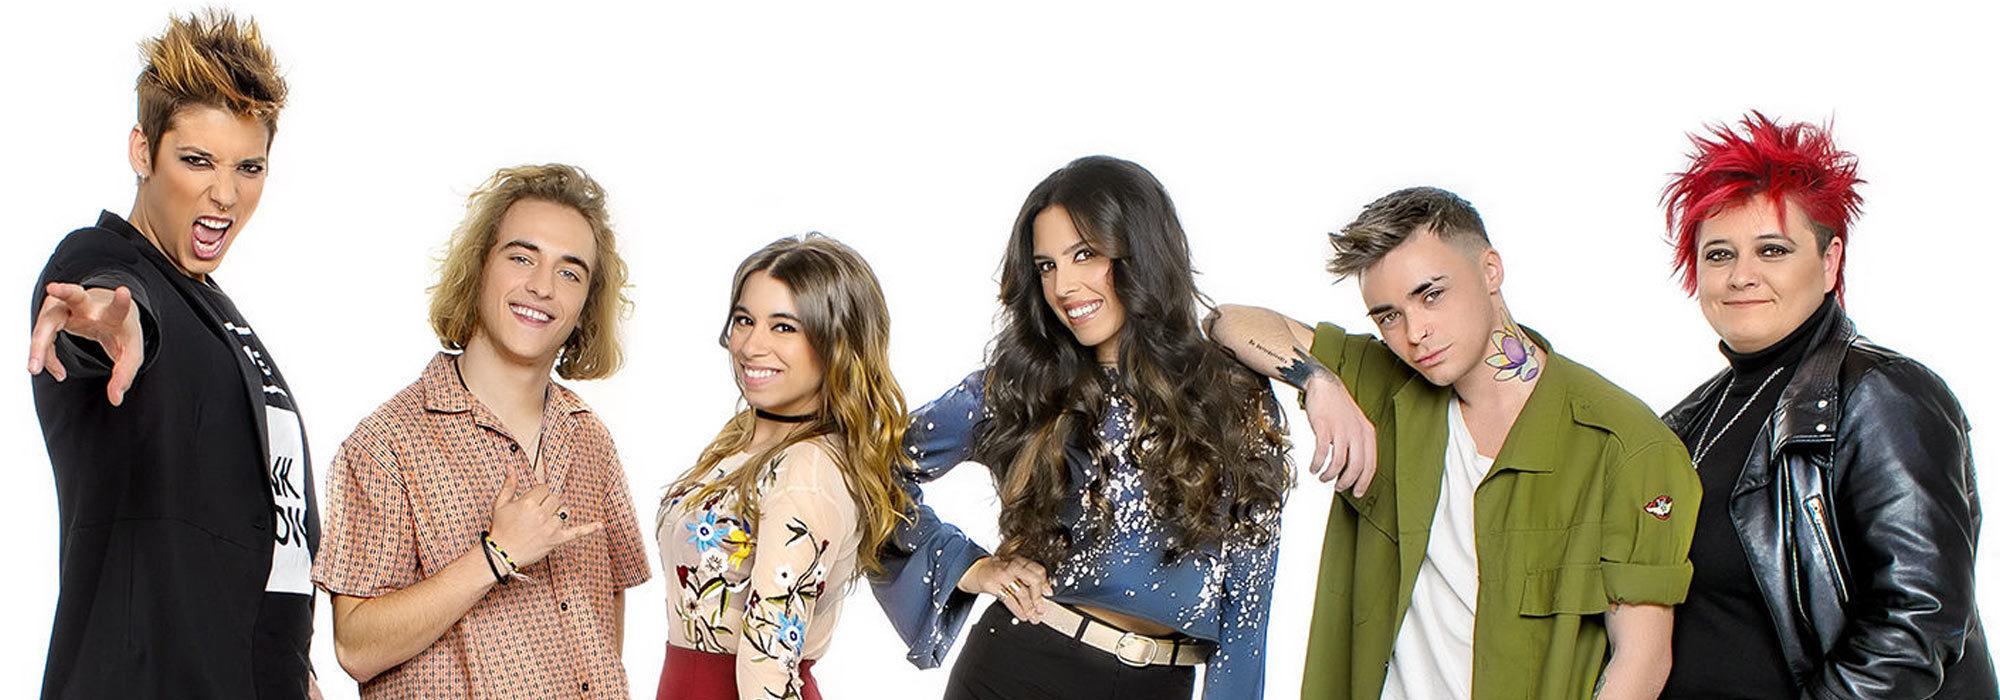 Objetivo Eurovisión 2017 Los Puntos Fuertes Y Débiles De Cada